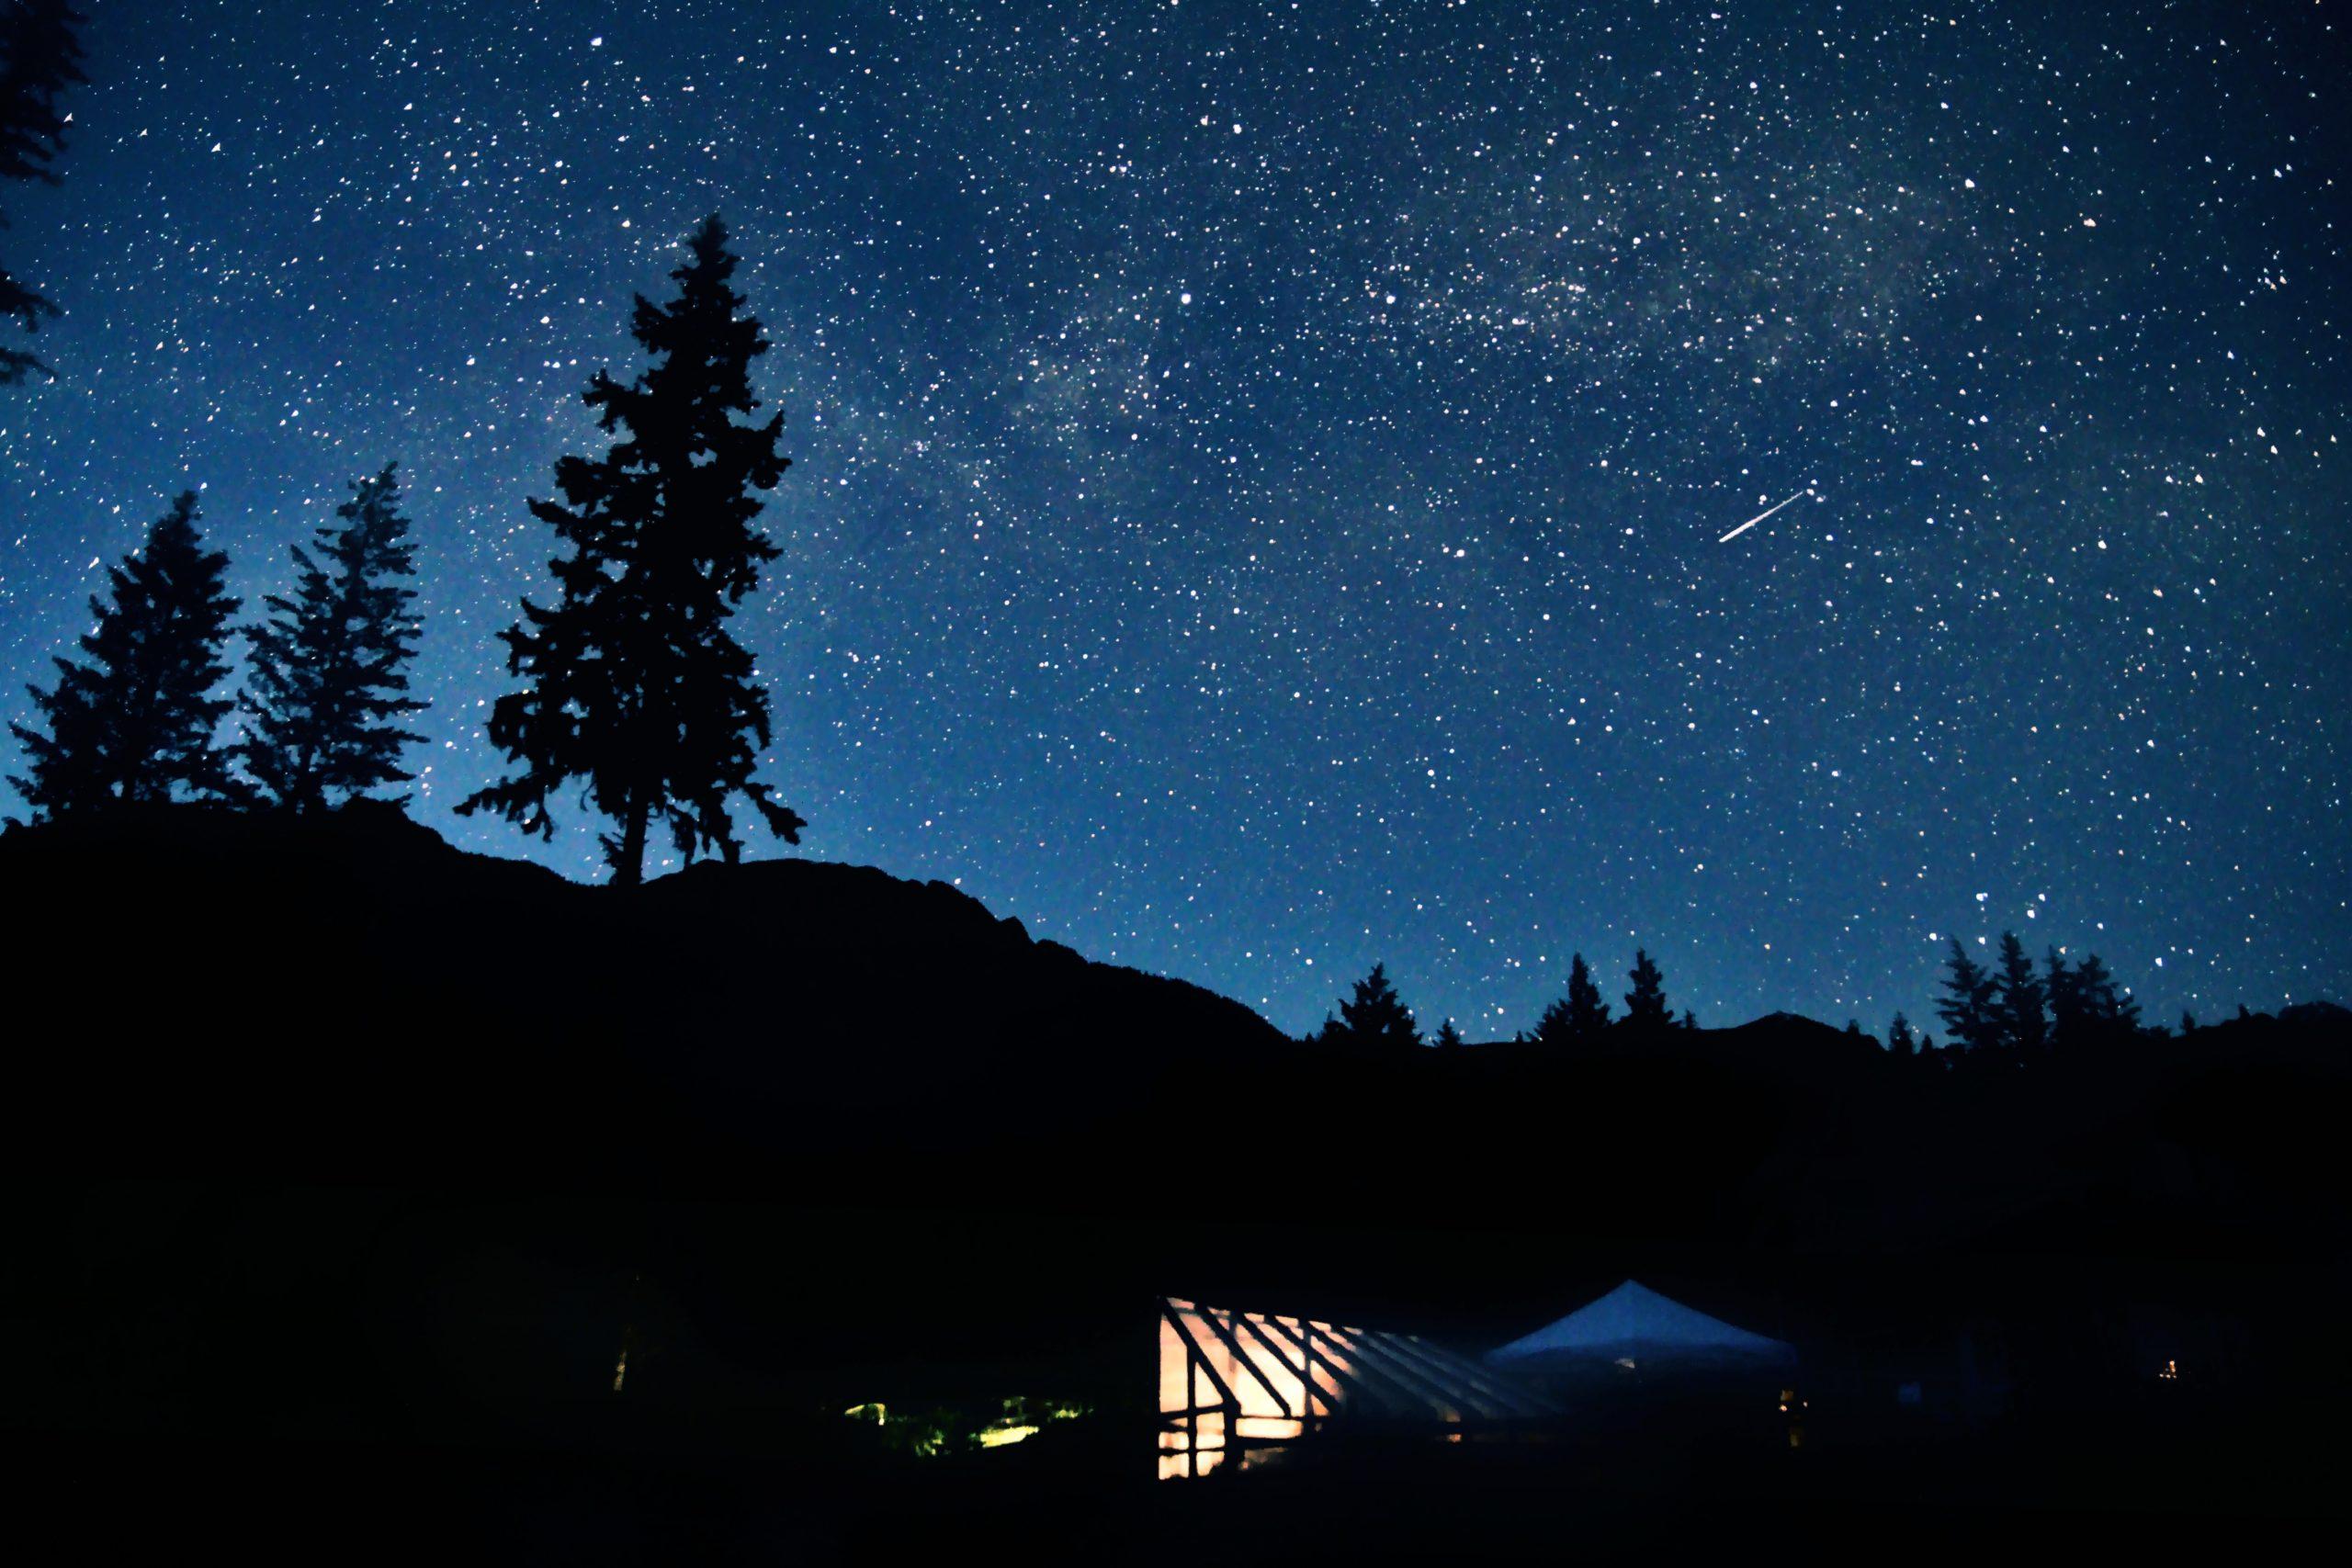 接近夜晚時的天空,有股說不出的平靜。/圖:Photo by Alan Chen on Unsplash